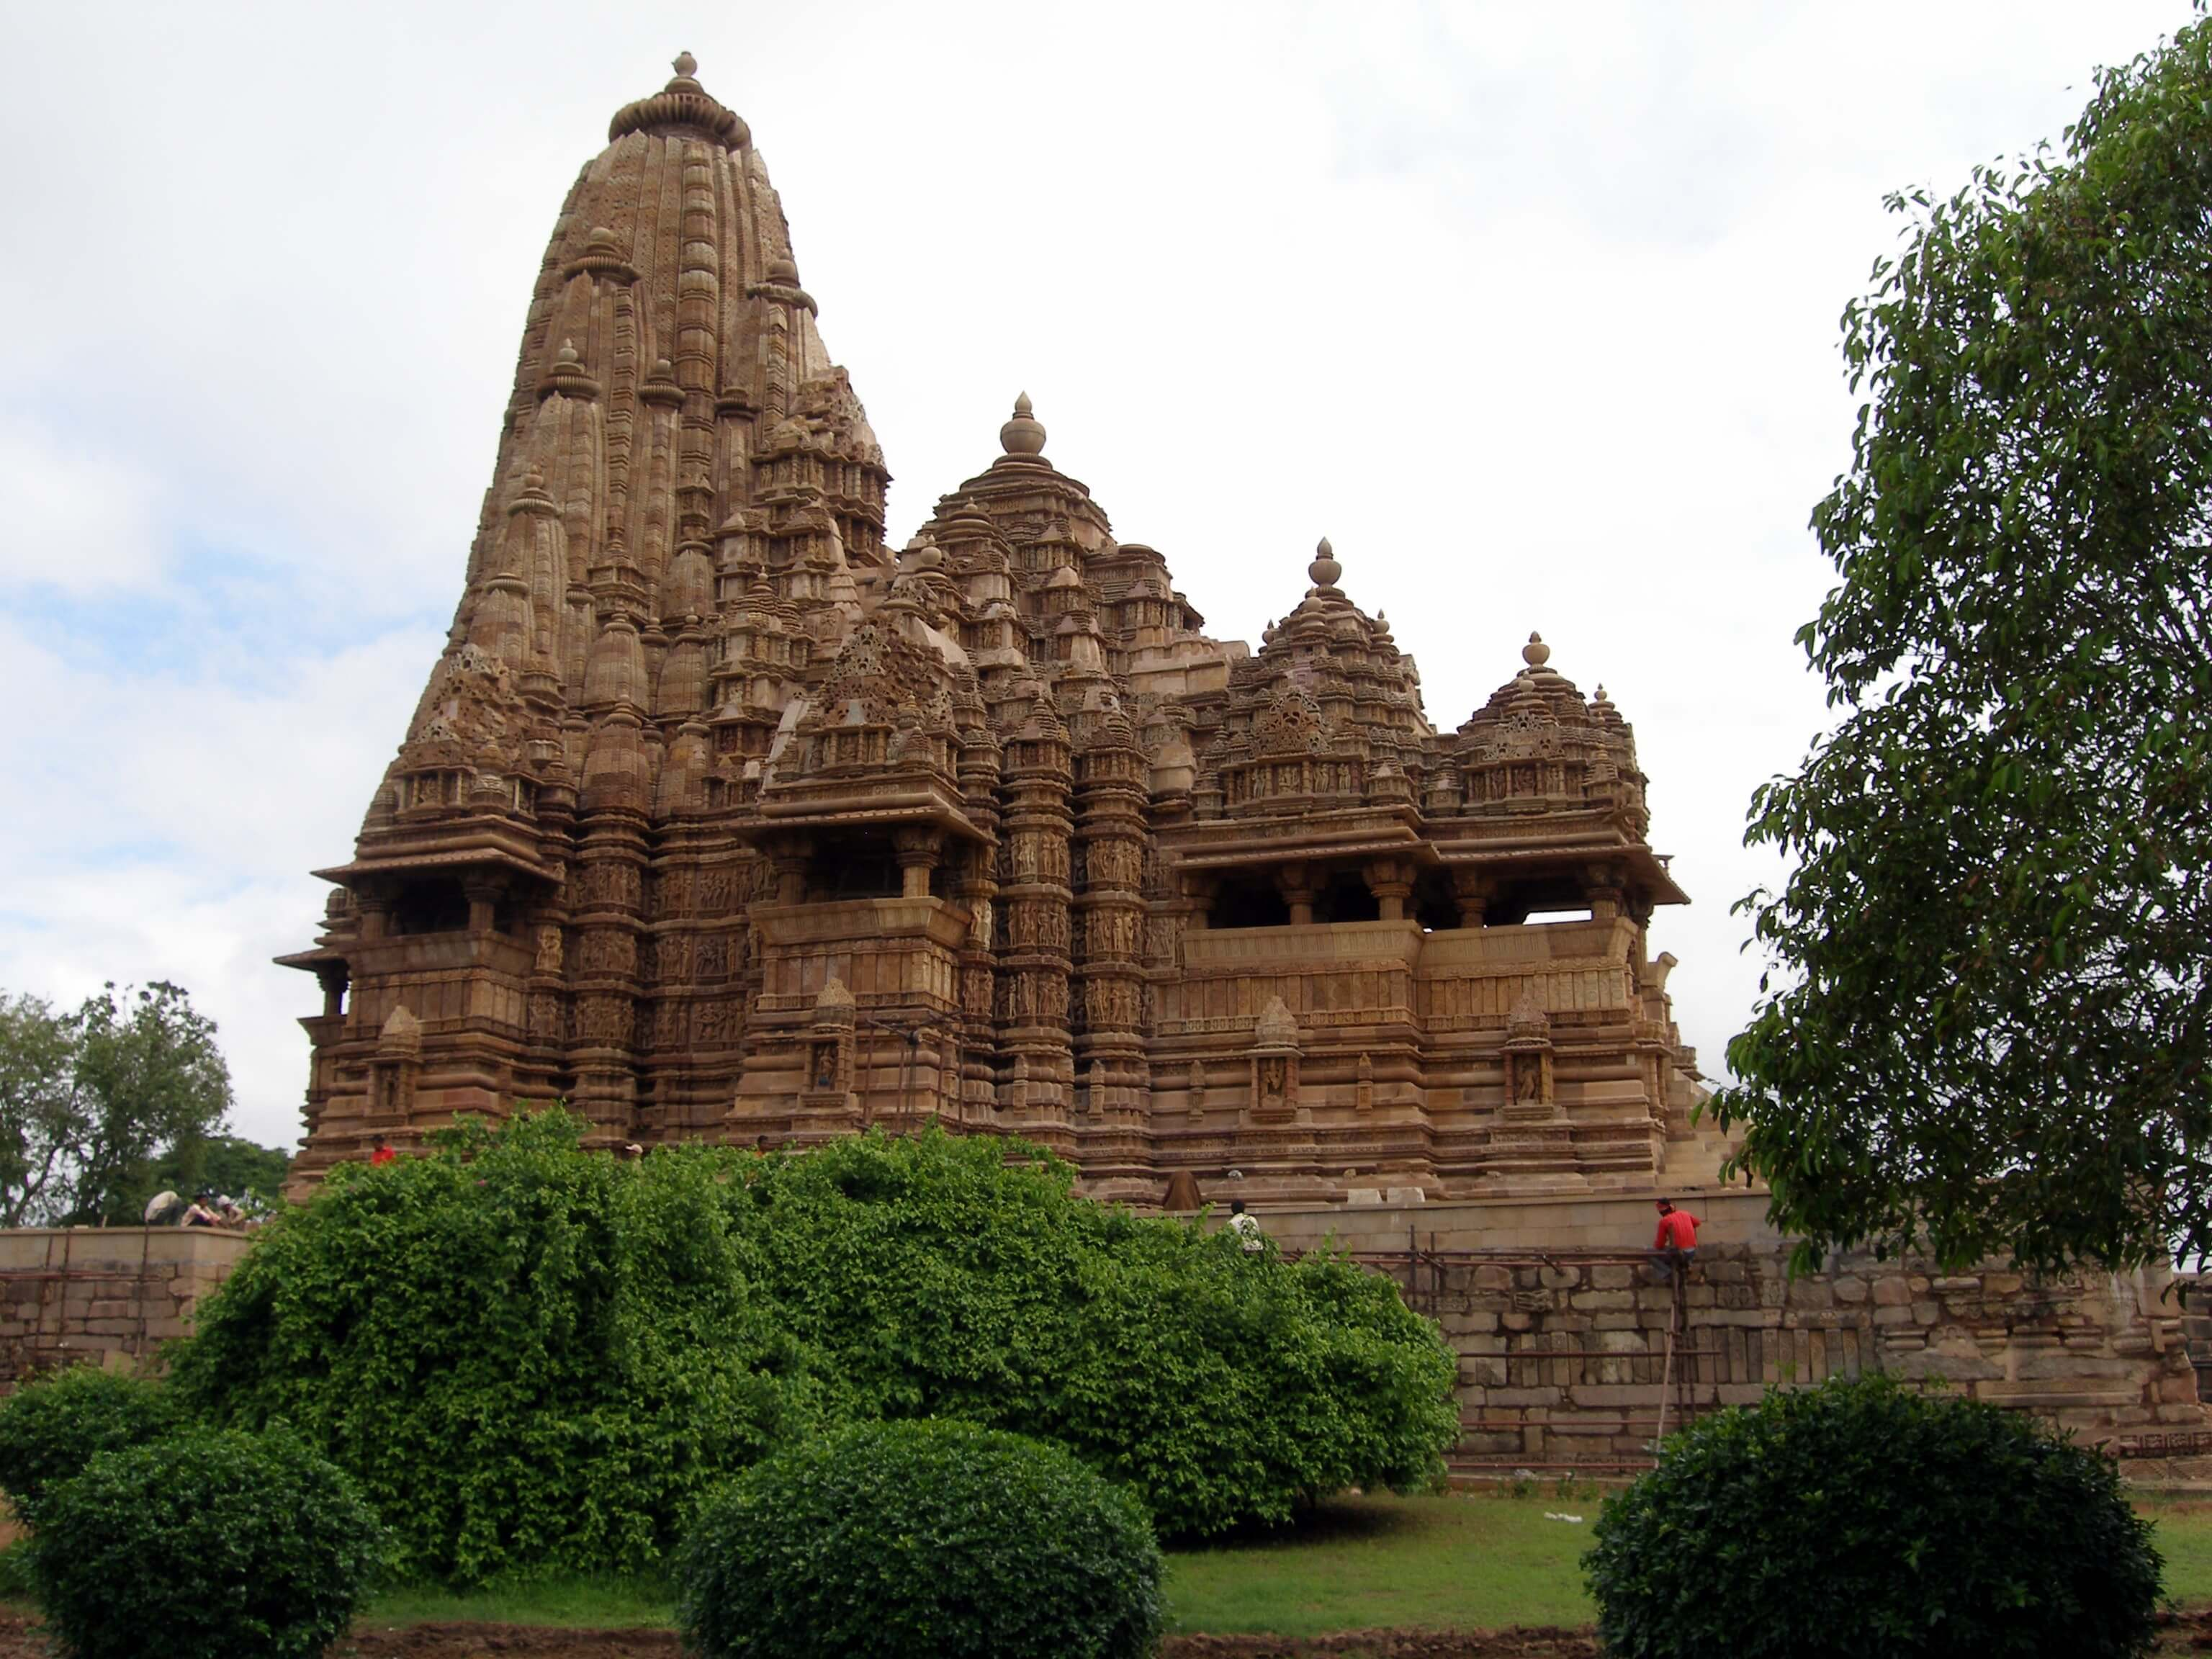 Khandariya temple at Khajuraho